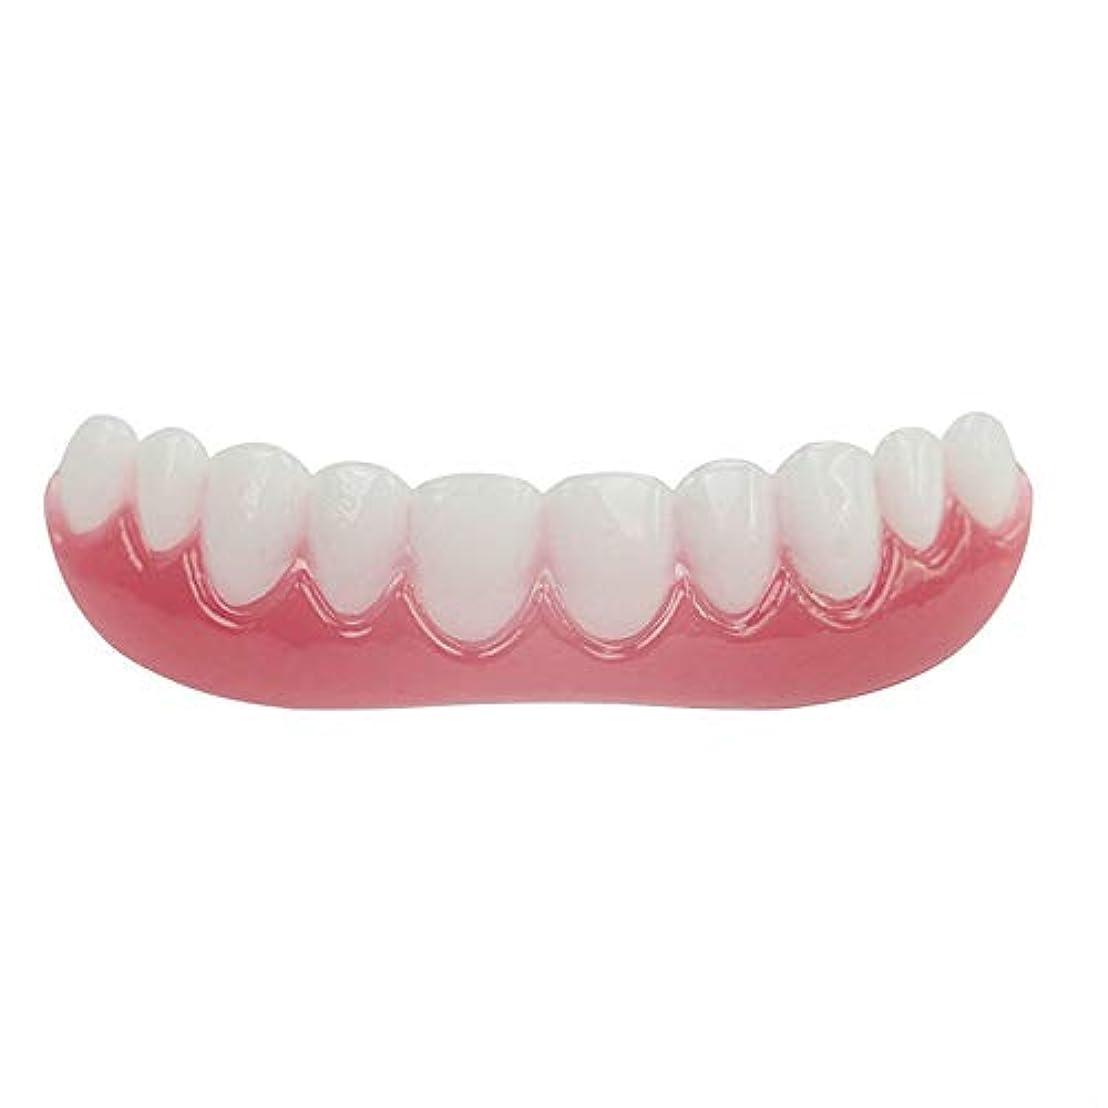 シリコーンシミュレーション義歯、歯科用ベニヤホワイトトゥースセット(3個),Colorbox,Lower